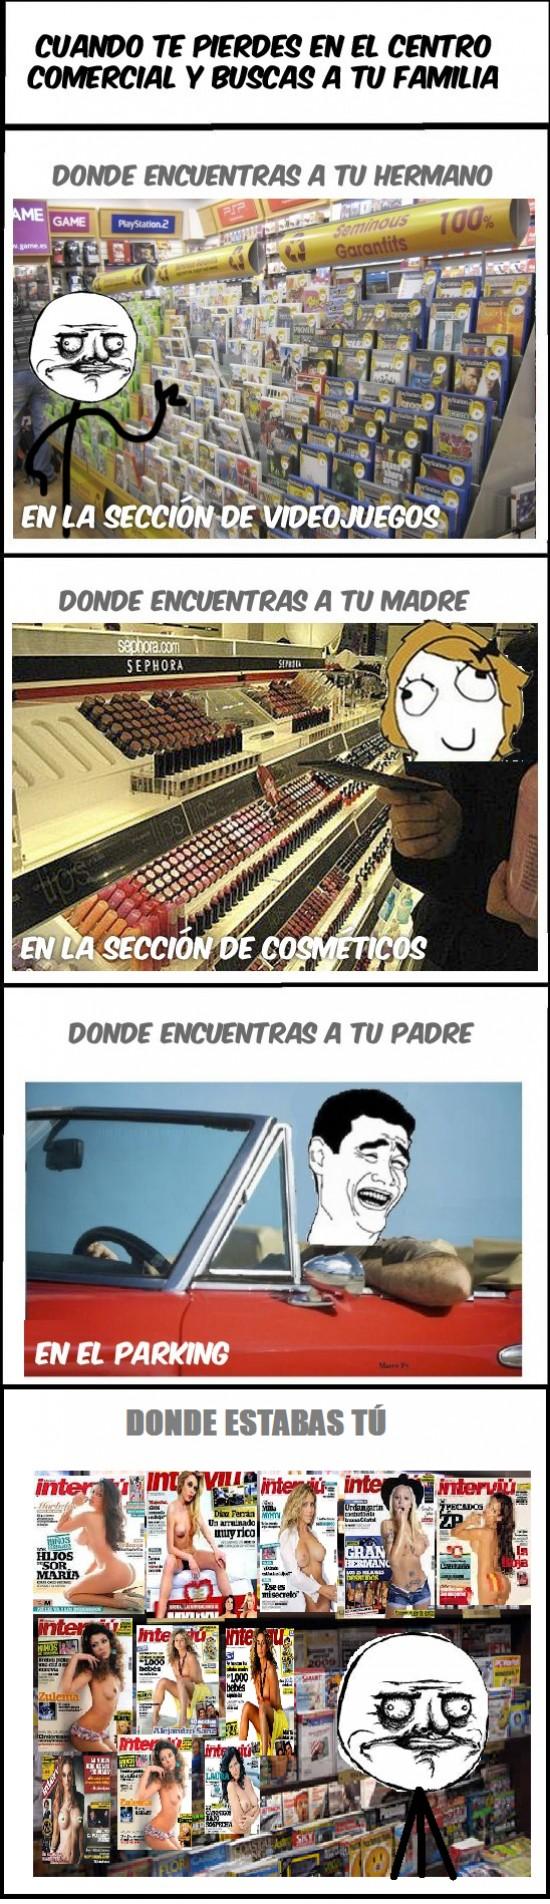 Me_gusta - En el supermercado